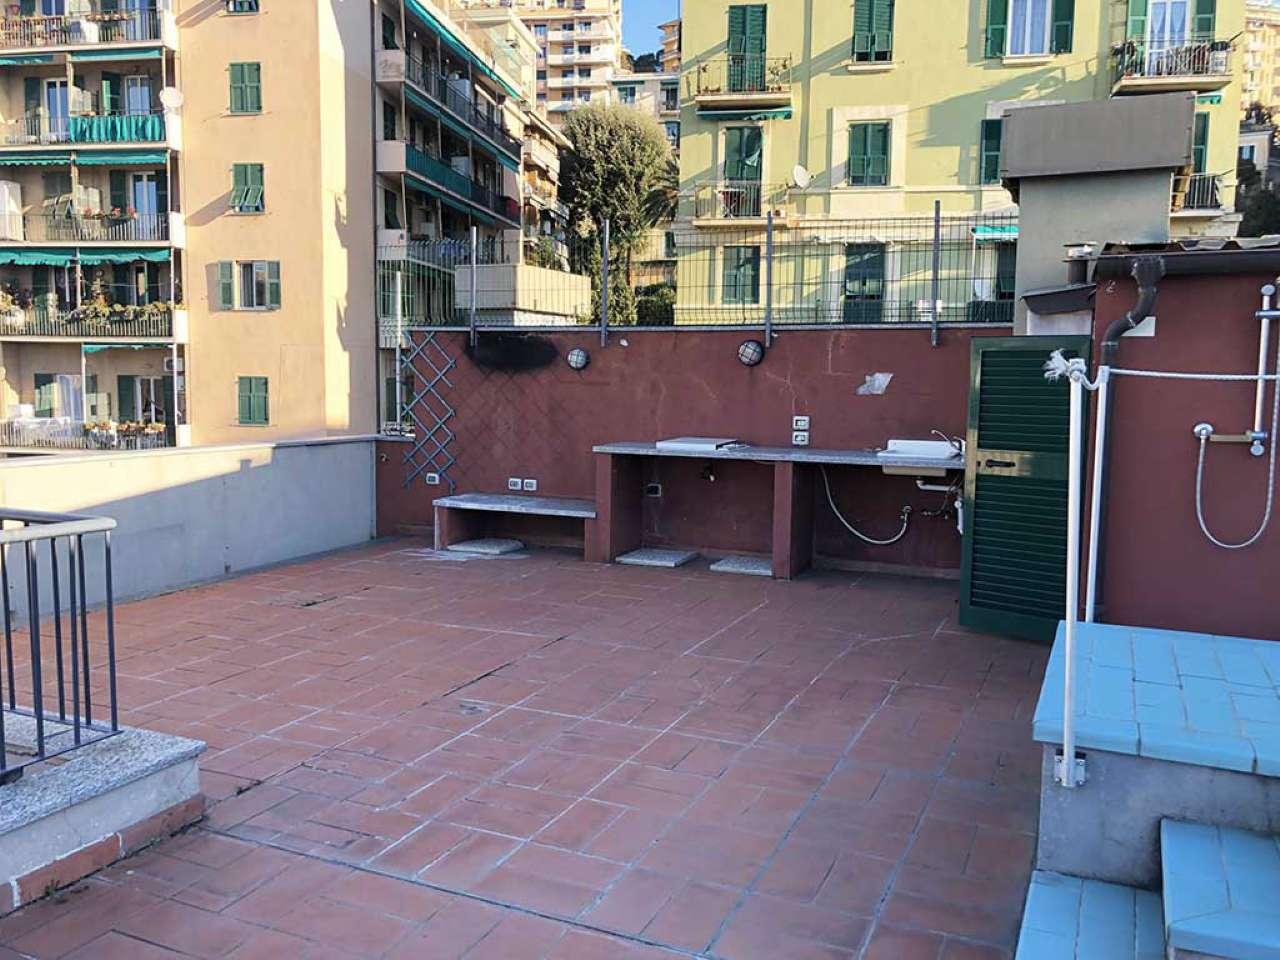 Genova Corso Europa Posizione interessantissima Attico mq 100 Callegari 010 3471027